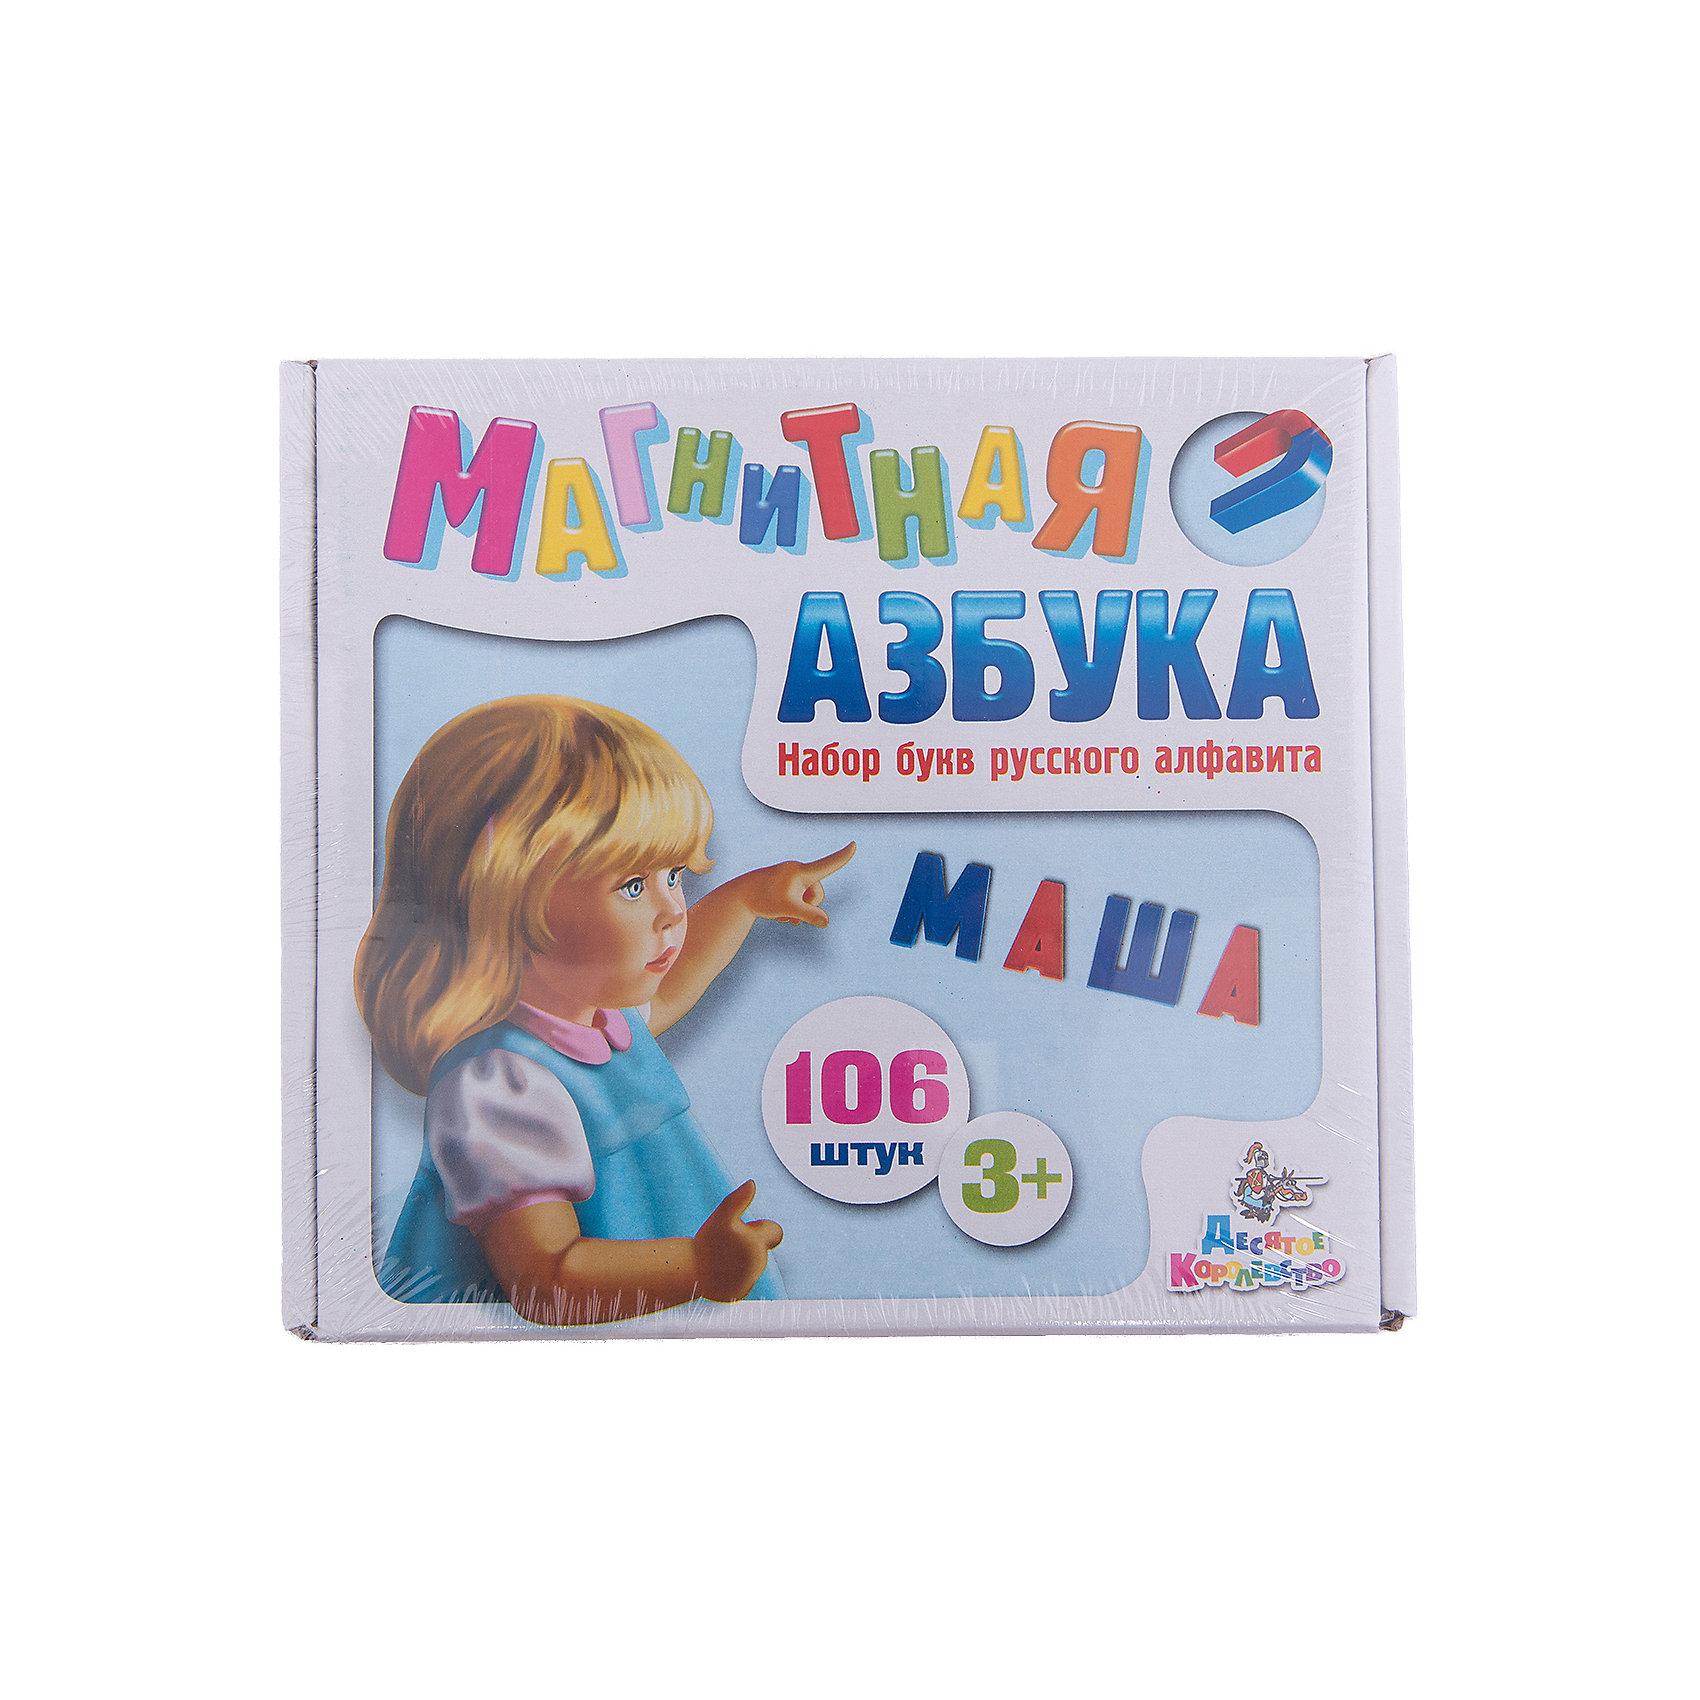 Магнитная Азбука , Десятое королевствоРазвивающие игры<br>Магнитная Азбука , Десятое королевство<br><br>Характеристики:<br><br>• Возраст: от 5 лет<br>• Размер букв/цифр: 35мм<br>• В наборе: 106 элементов<br><br>Этот набор будет служить удобным и наглядным пособием для детей, изучающих буквы и основы счета. Если у вас нет Магнитной азбуки, то закреплять содержащиеся в наборе объемные знаки можно на холодильнике или иной металлической поверхности. Пользуясь набором можно закреплять знания по русскому языку и учиться читать и писать.<br><br>Магнитная Азбука , Десятое королевство можно купить в нашем интернет-магазине.<br><br>Ширина мм: 230<br>Глубина мм: 200<br>Высота мм: 35<br>Вес г: 438<br>Возраст от месяцев: 36<br>Возраст до месяцев: 60<br>Пол: Унисекс<br>Возраст: Детский<br>SKU: 5471711